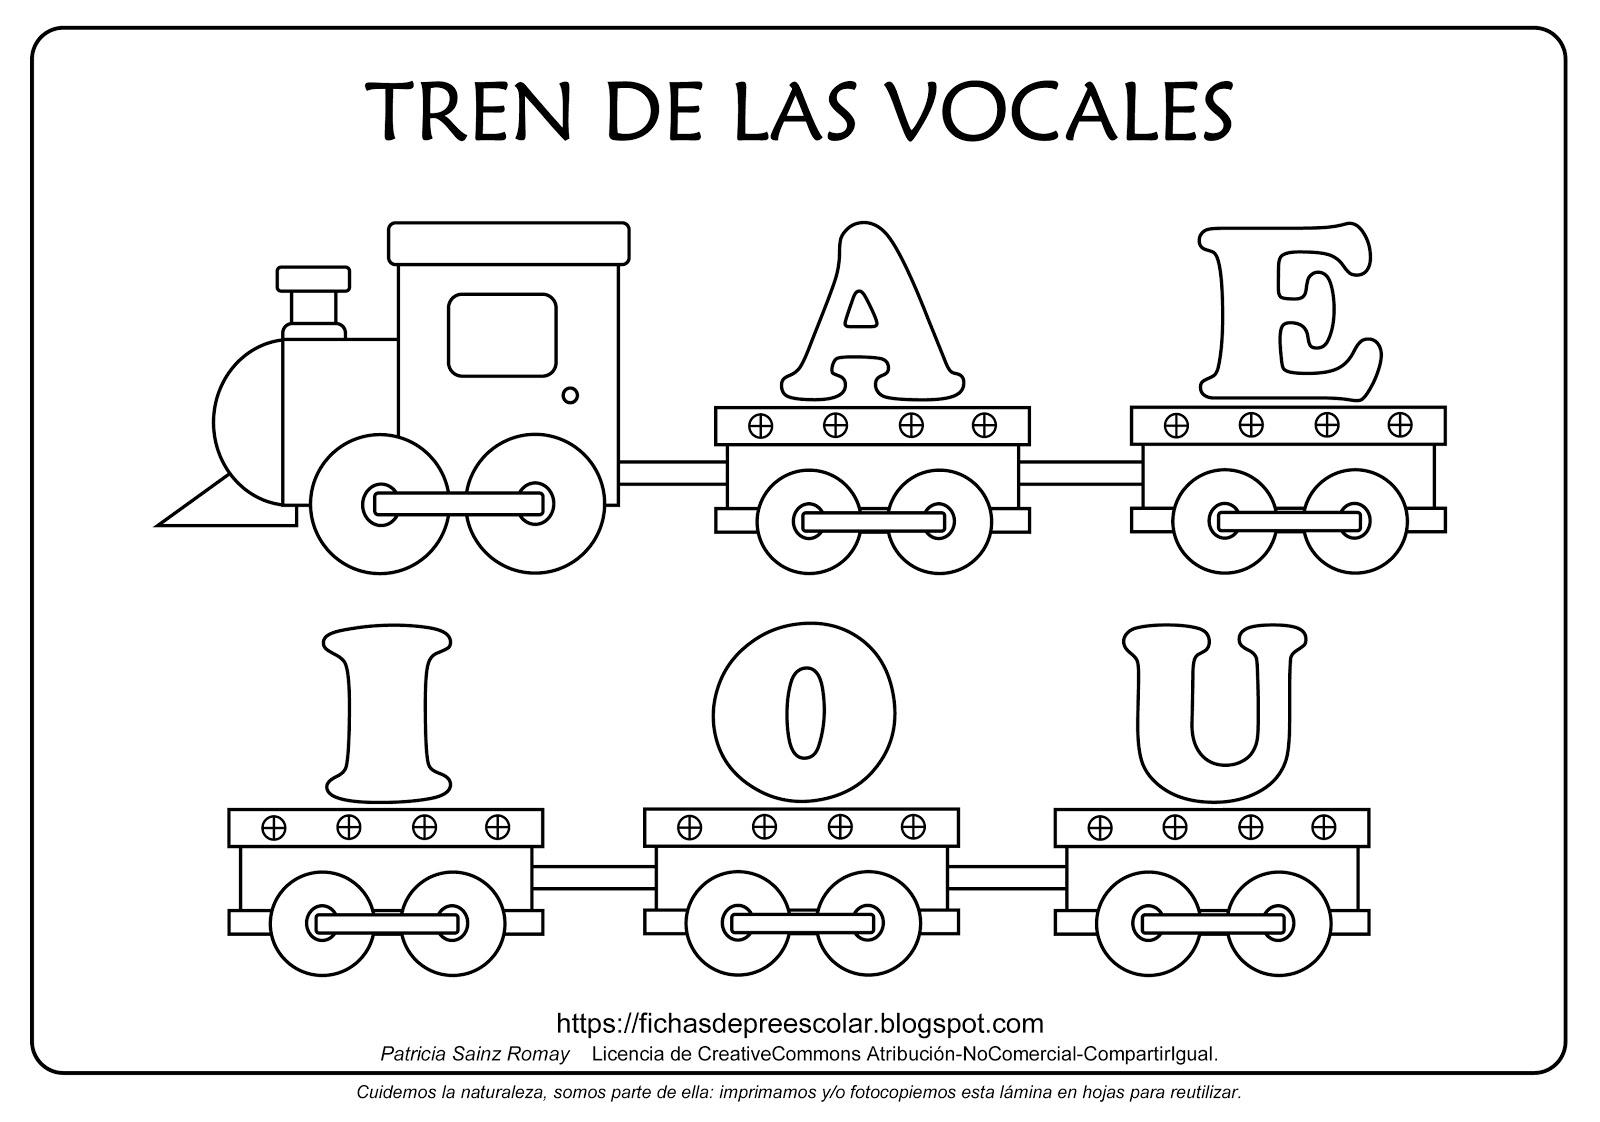 FICHAS DE EDUCACIÓN PREESCOLAR: TREN DE LAS VOCALES PARA COLOREAR